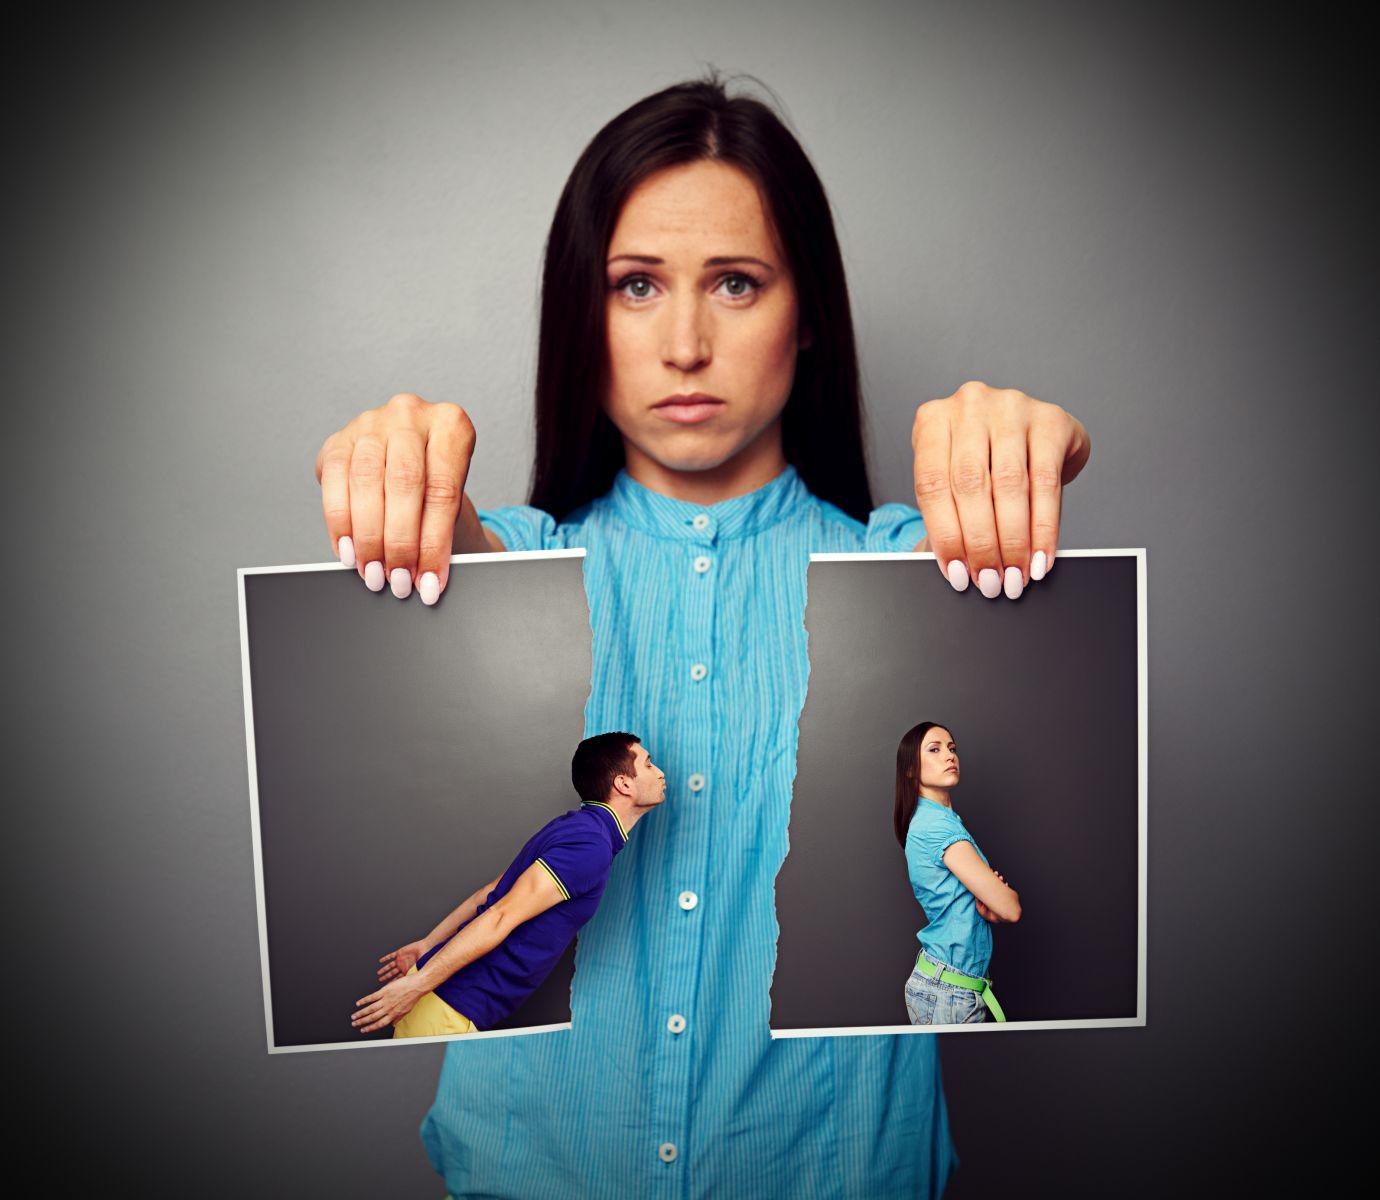 Как пережить расставание: реальные советы экстрасенса - фото №10